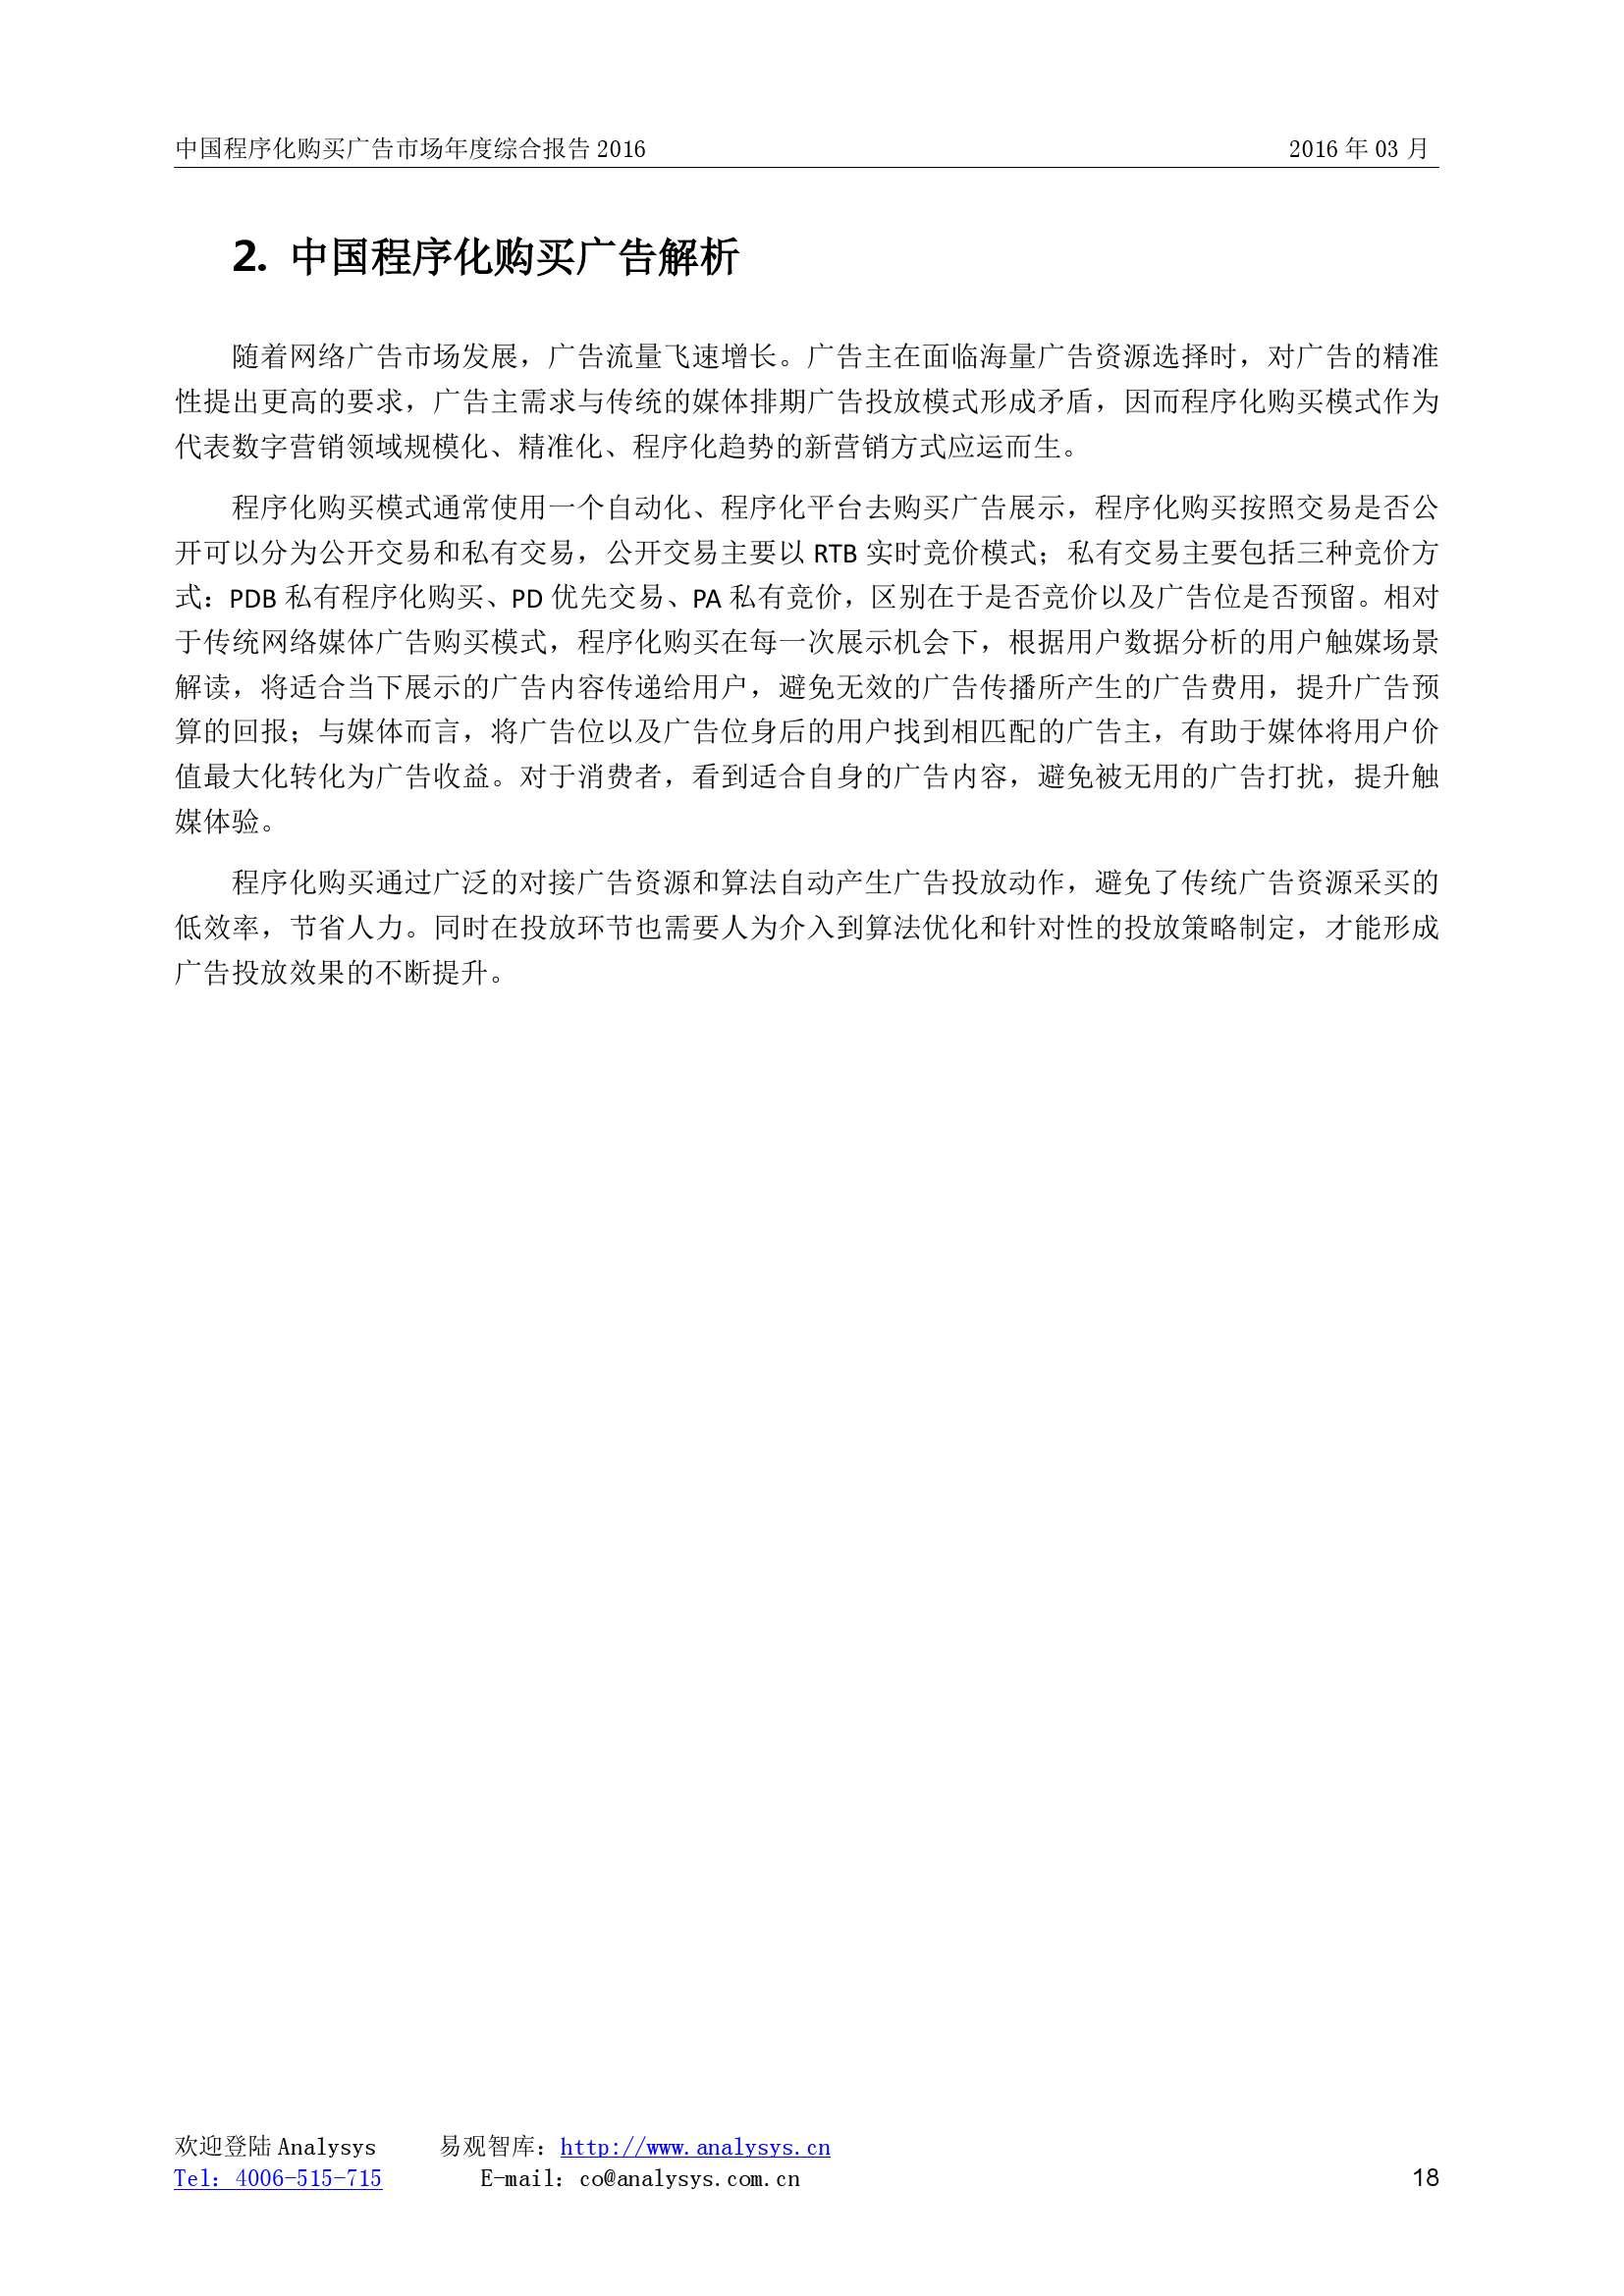 中国程序化购买广告市场年度综合报告2016_000018